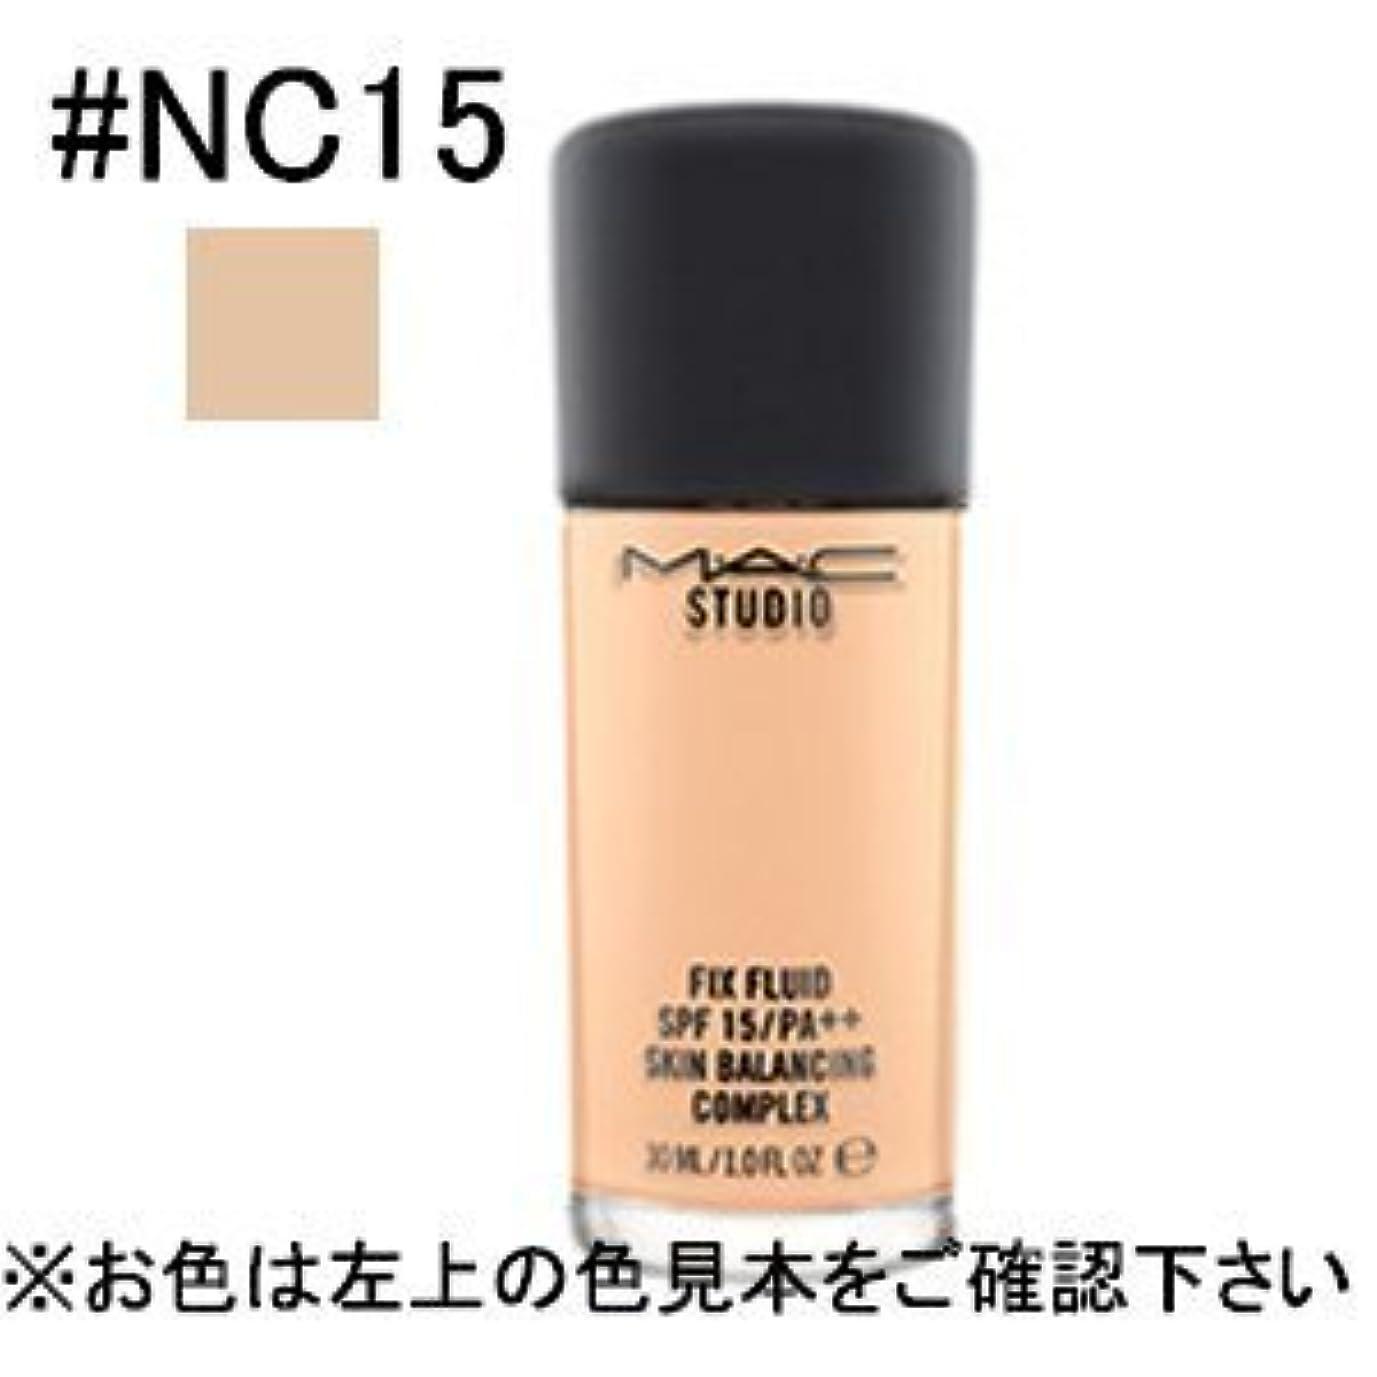 完璧思春期黄ばむ【MAC リキッドファンデーション】スタジオ フィックス フルイッド #NC15